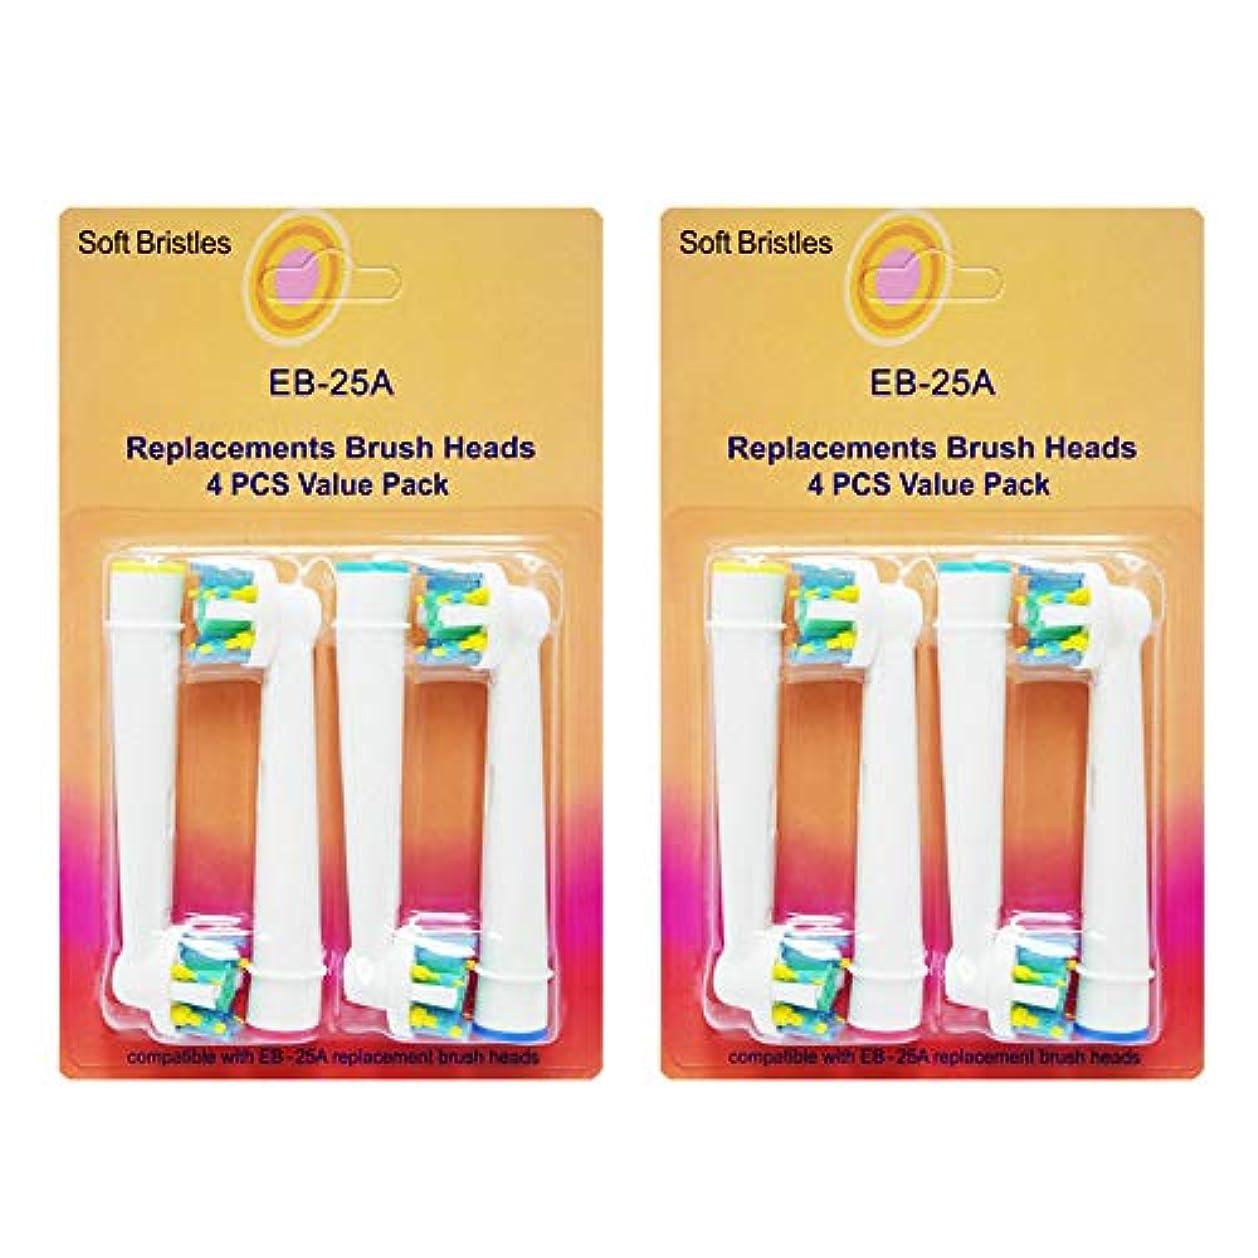 句死の顎特定のブラウン BRAUN オーラルB 対応 歯間ワイパー付ブラシ 互換 ブラシ 相当品 歯ブラシ 互換ブラシ (2セット合計8本(4本1セット×2)) アーモロート(amaurot) EB25 EB-25 eb25 eb-25